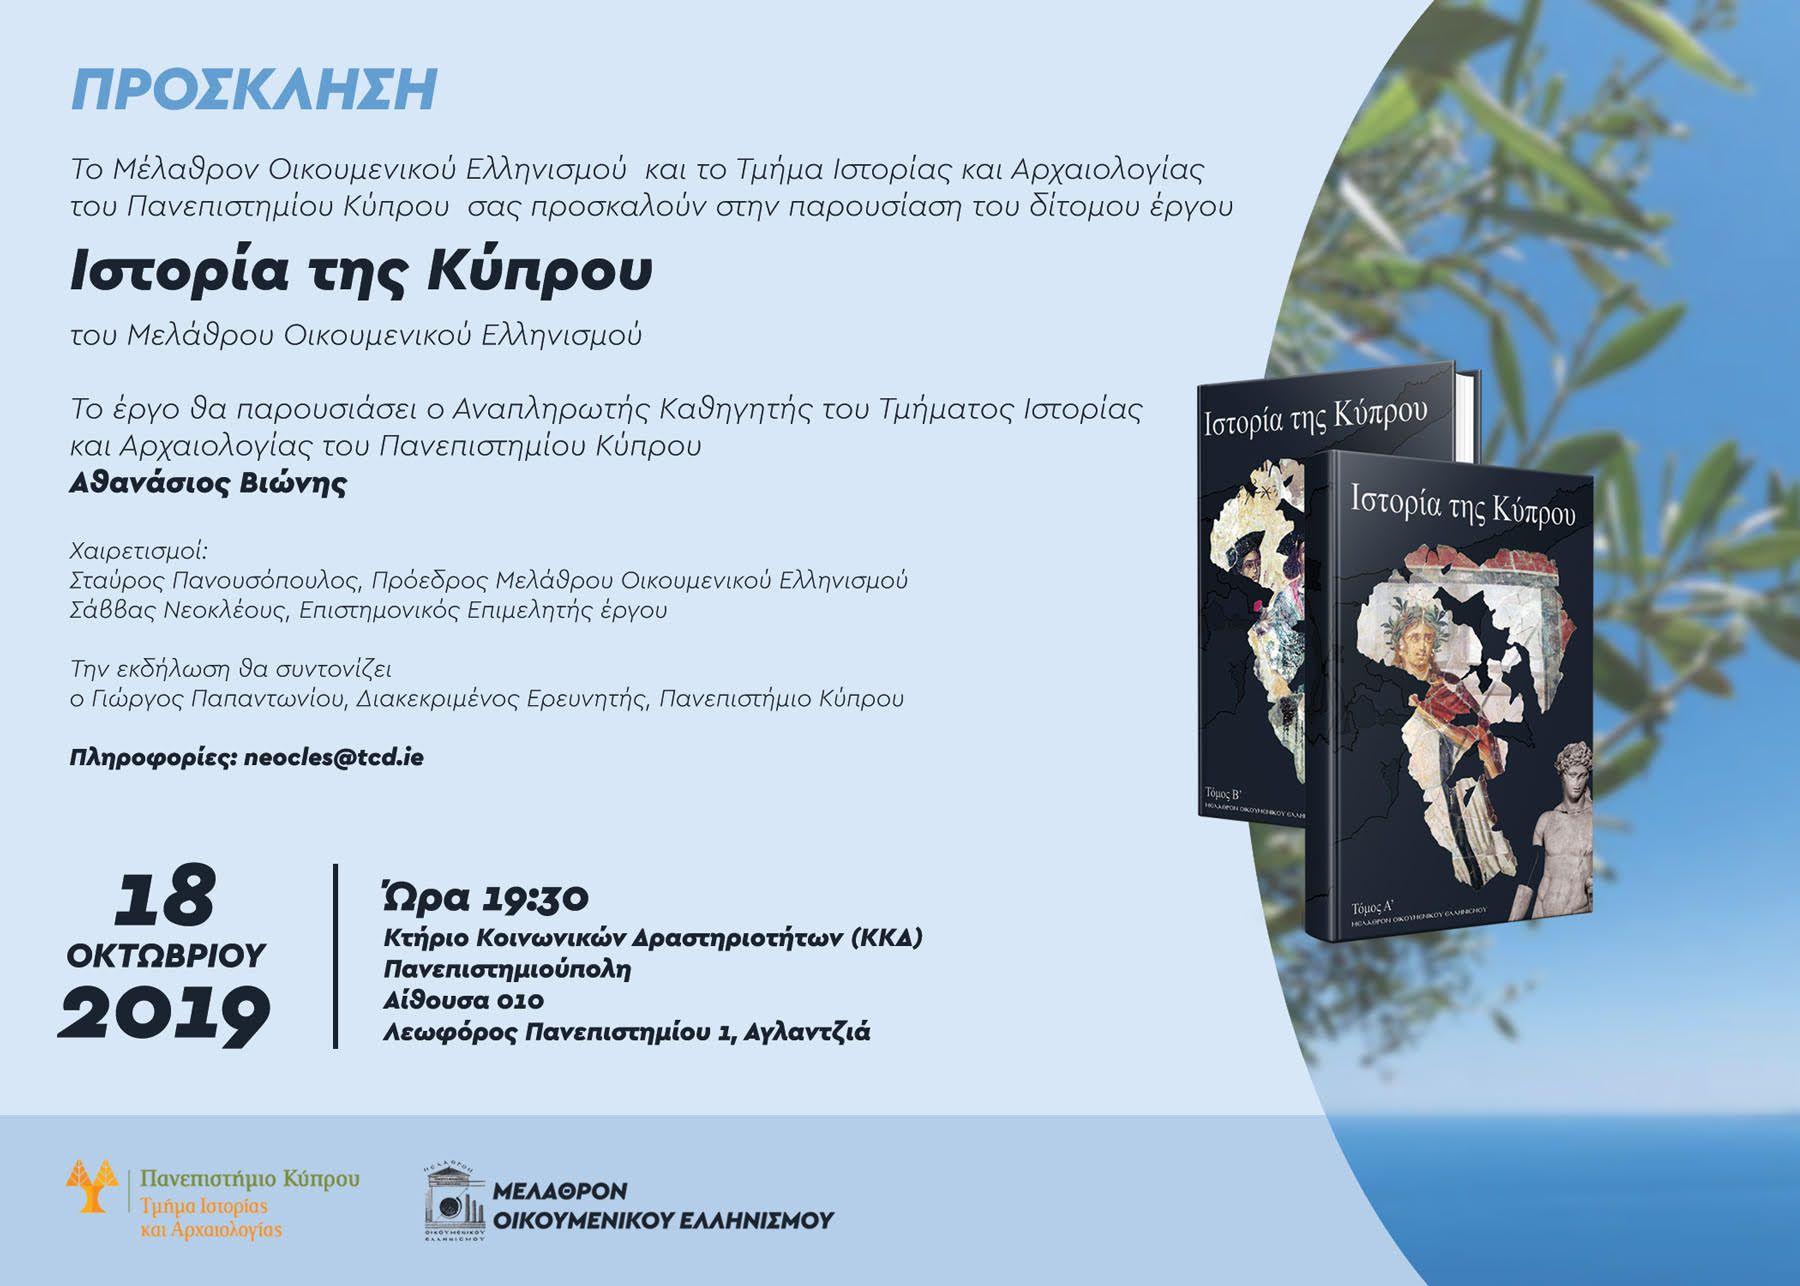 Δελτίο Τύπου: Παρουσίαση του δίτομου έργου «Ιστορία της Κύπρου» στην Κύπρο